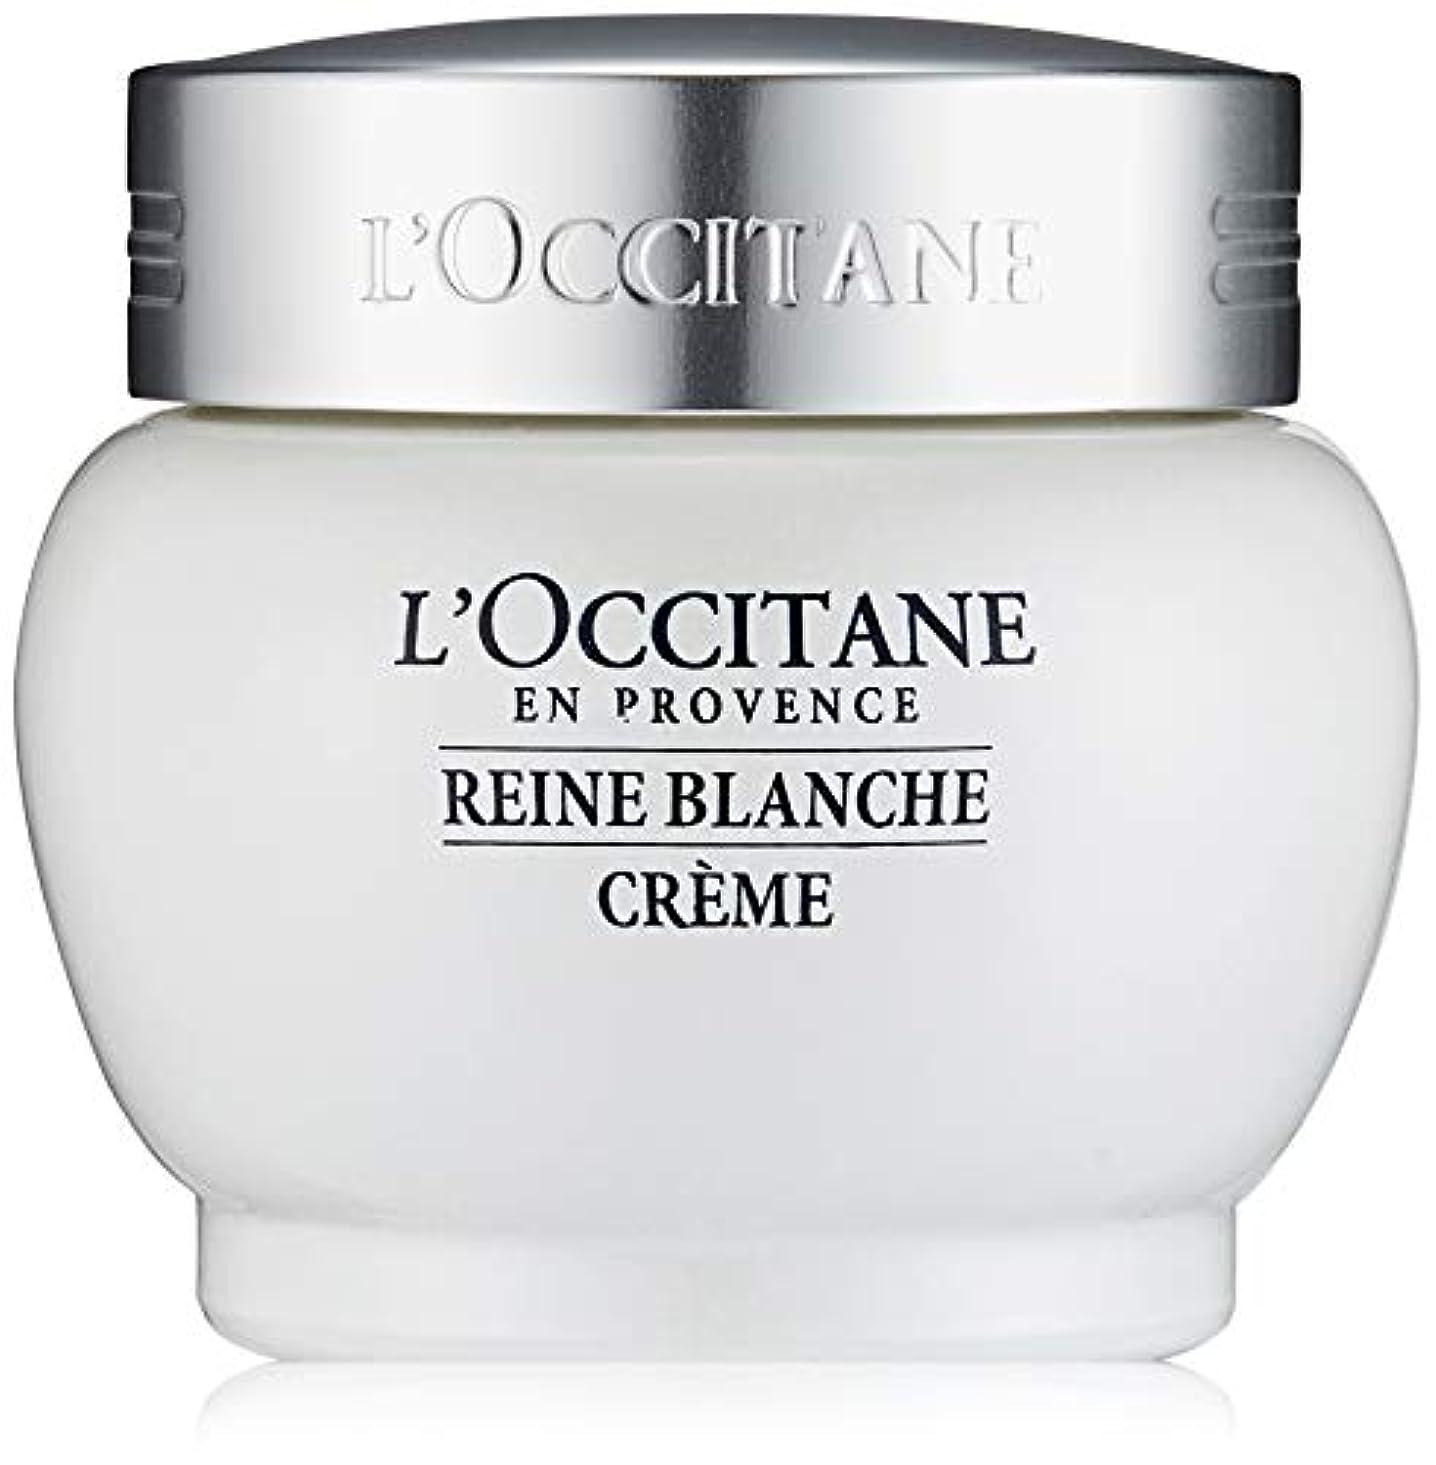 誠意ビットサバントロクシタン(L'OCCITANE) レーヌブランシュ ホワイトインフュージョンジェルクリーム 50ml